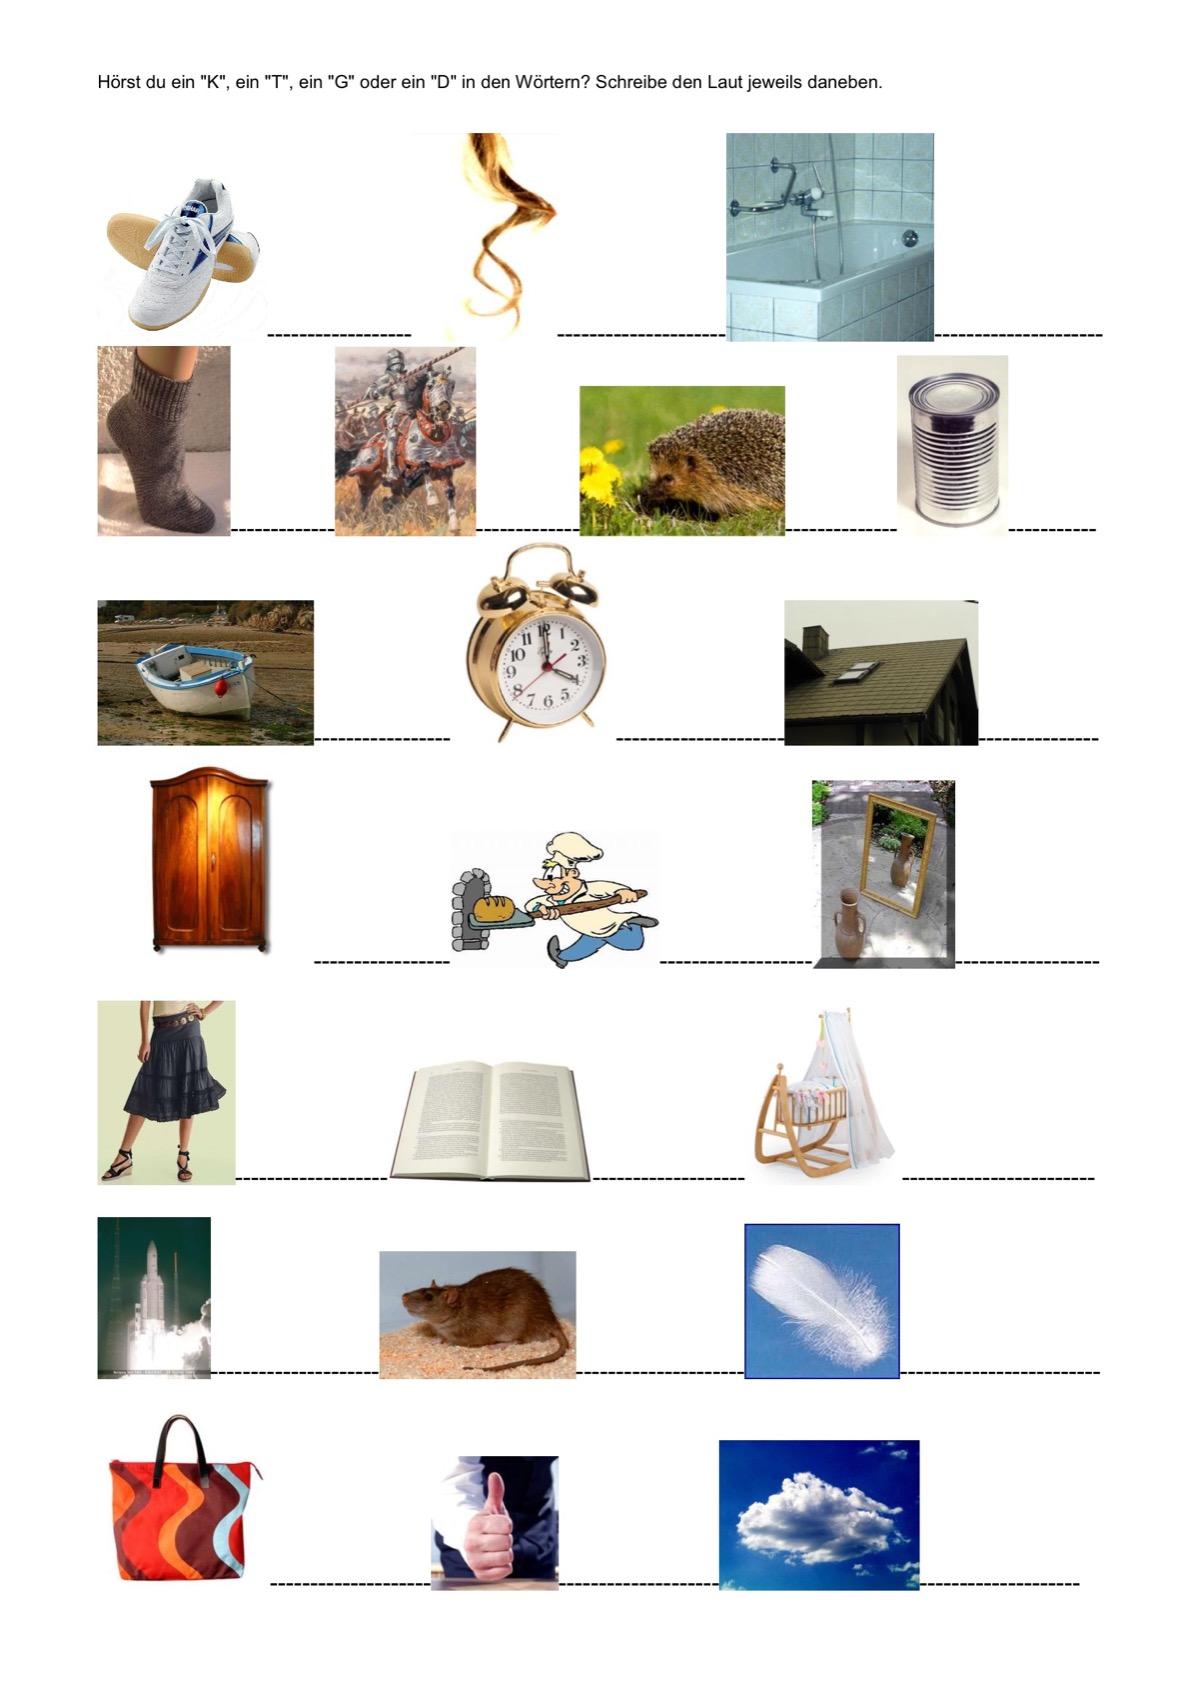 Bilder mit /K/T/G/D/ - Kindersprache - madoo.net